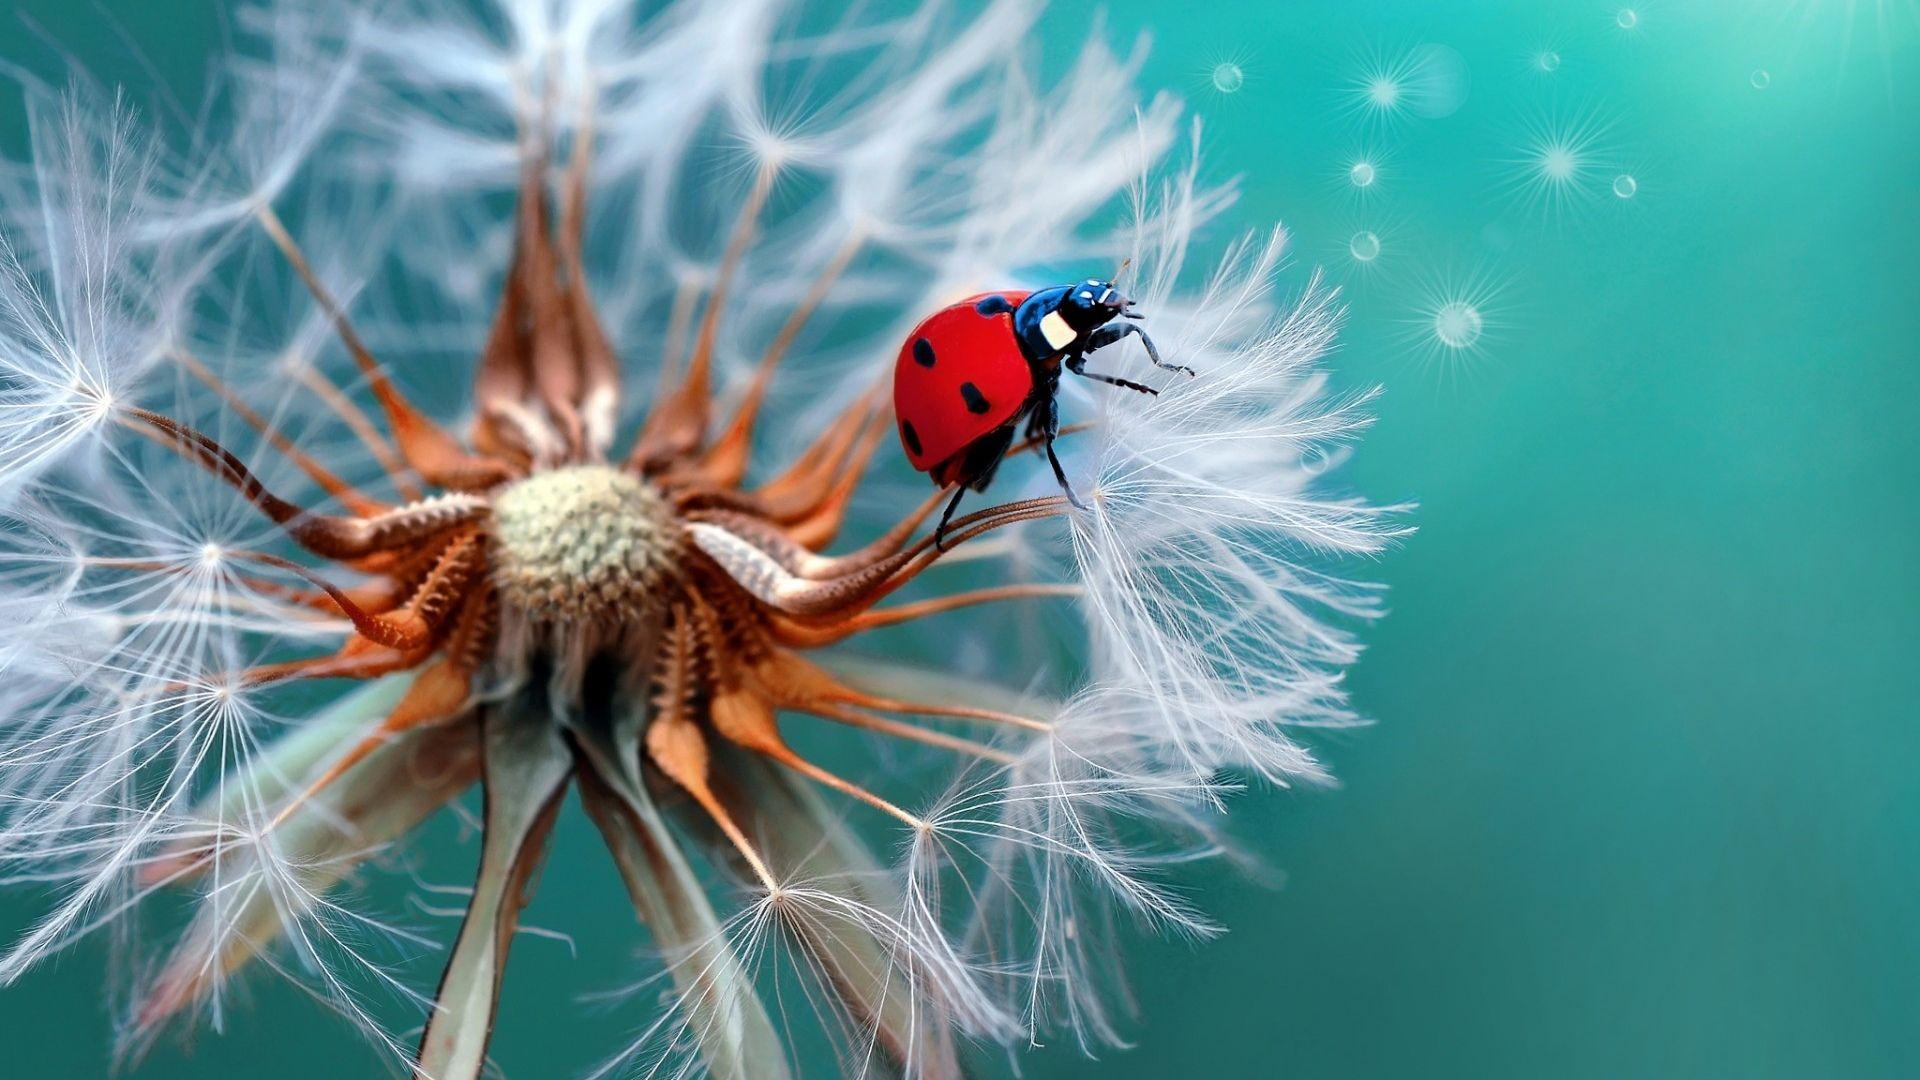 Hình nền hoa bồ công anh và con bọ cánh cam đẹp